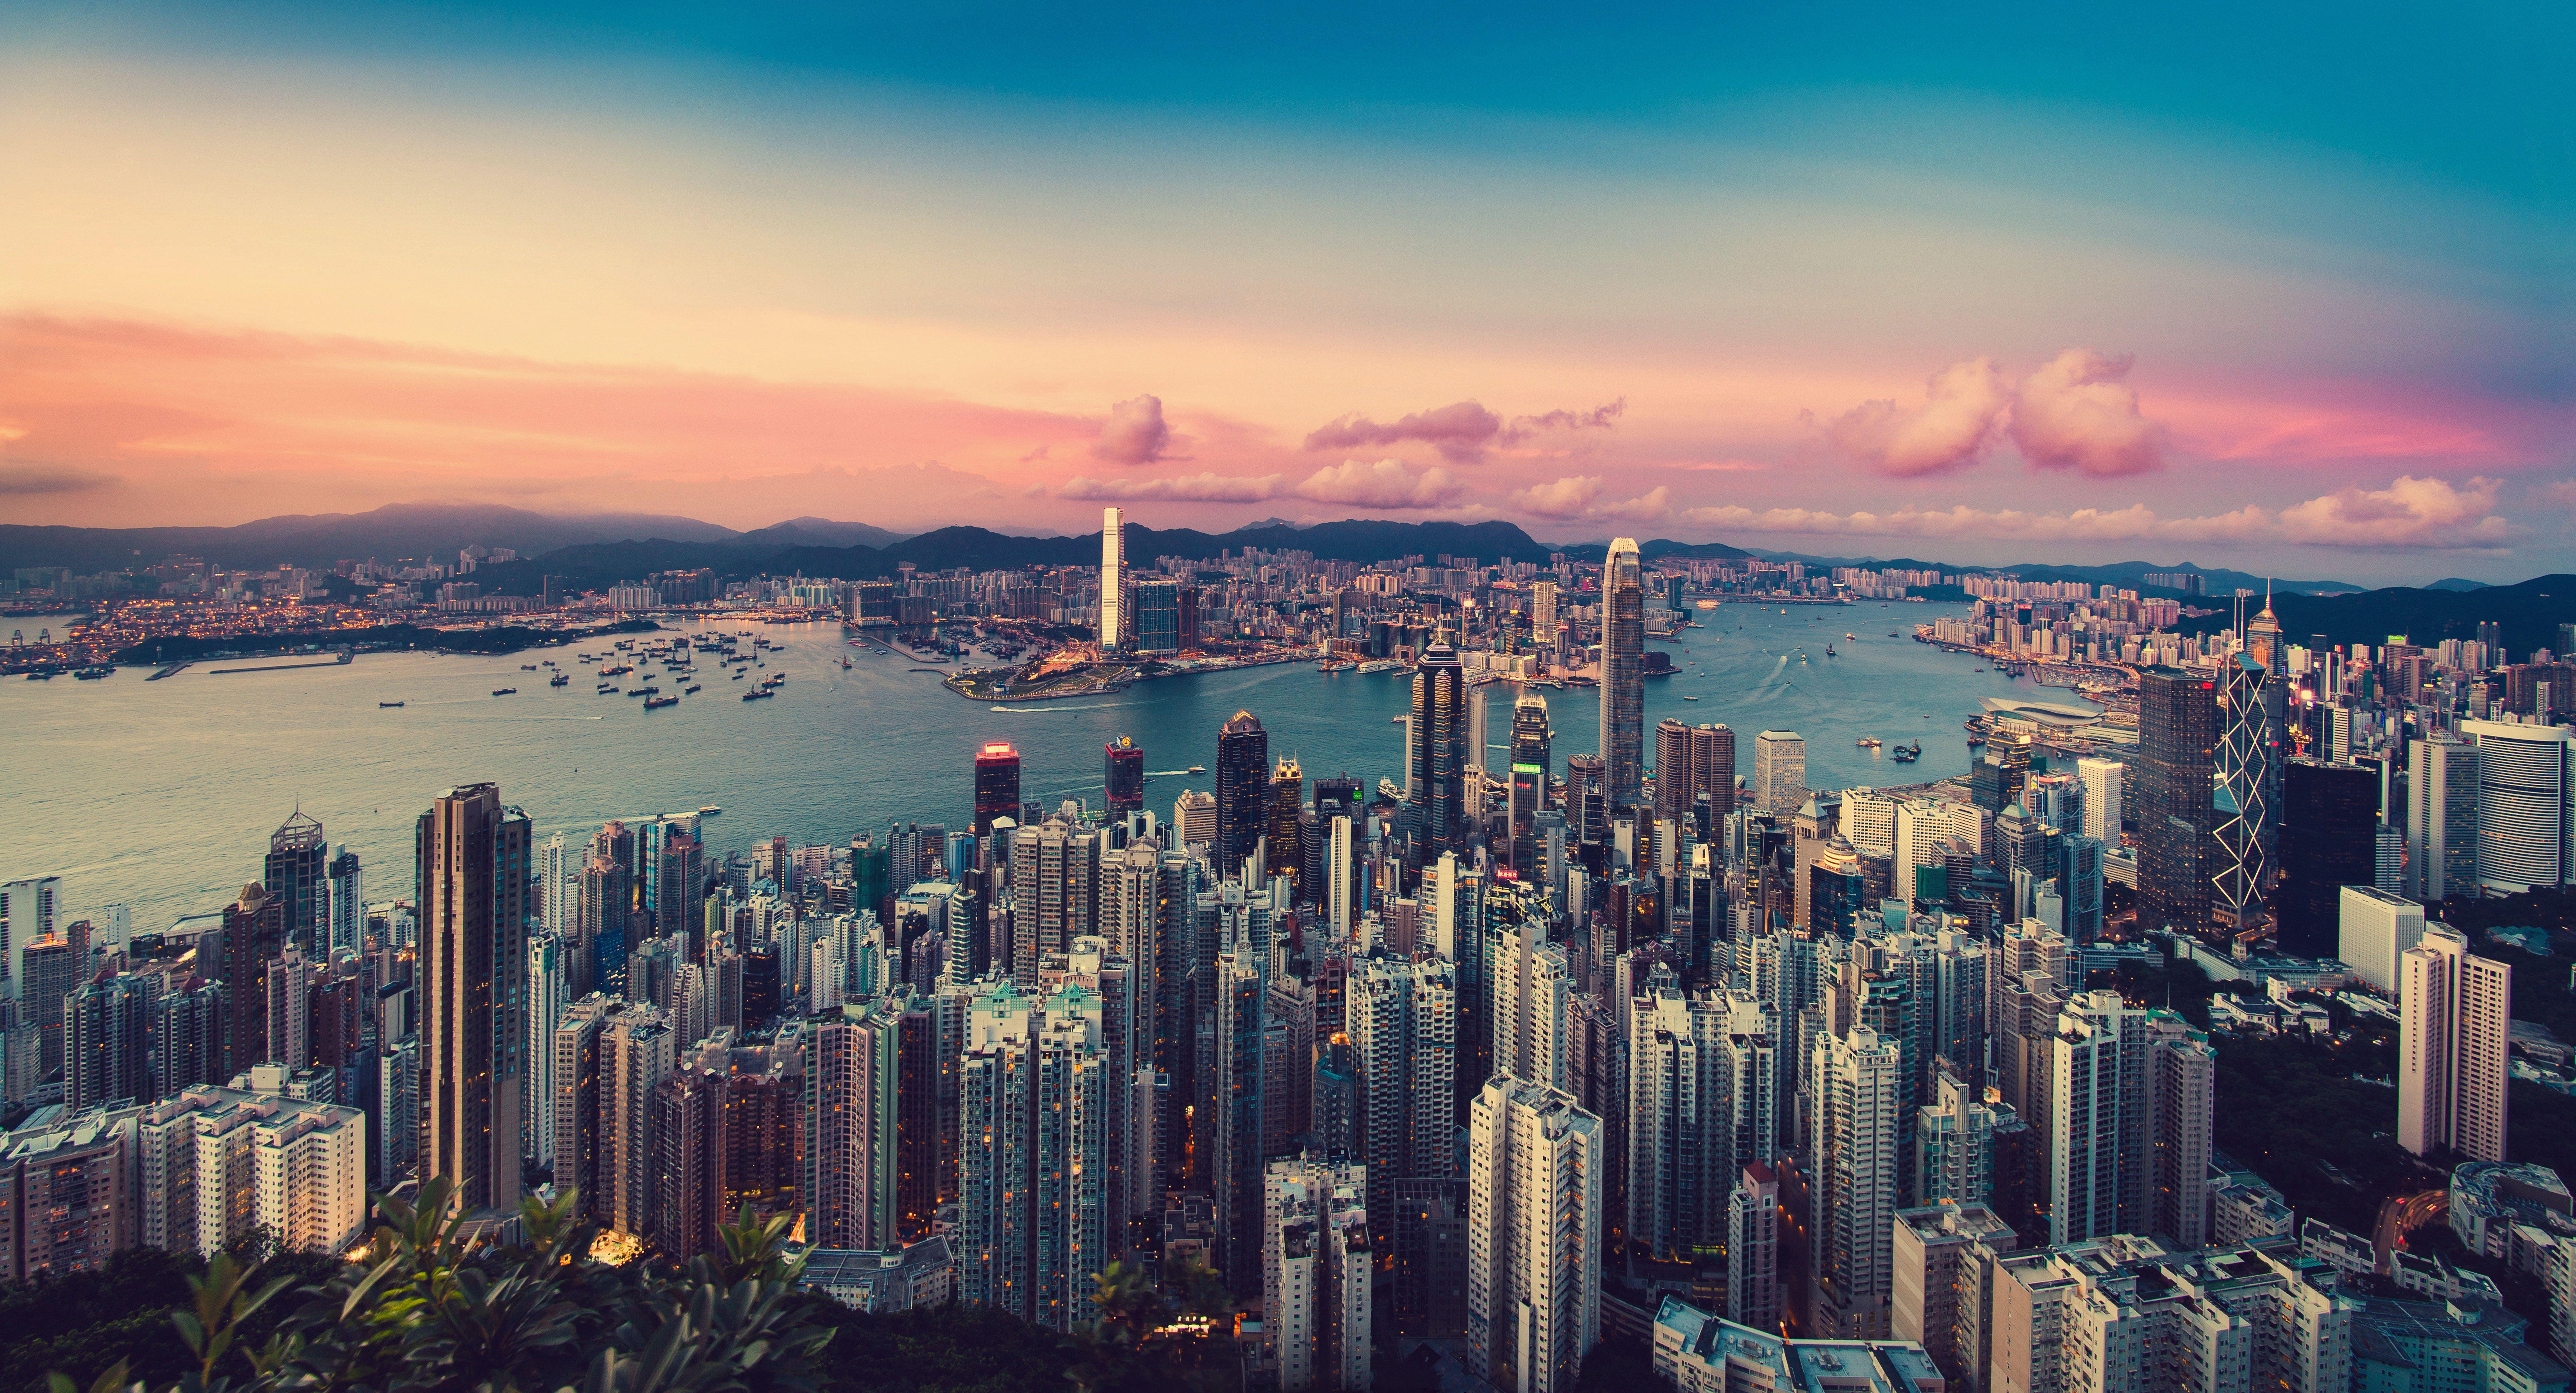 Hong Kong skyline and water